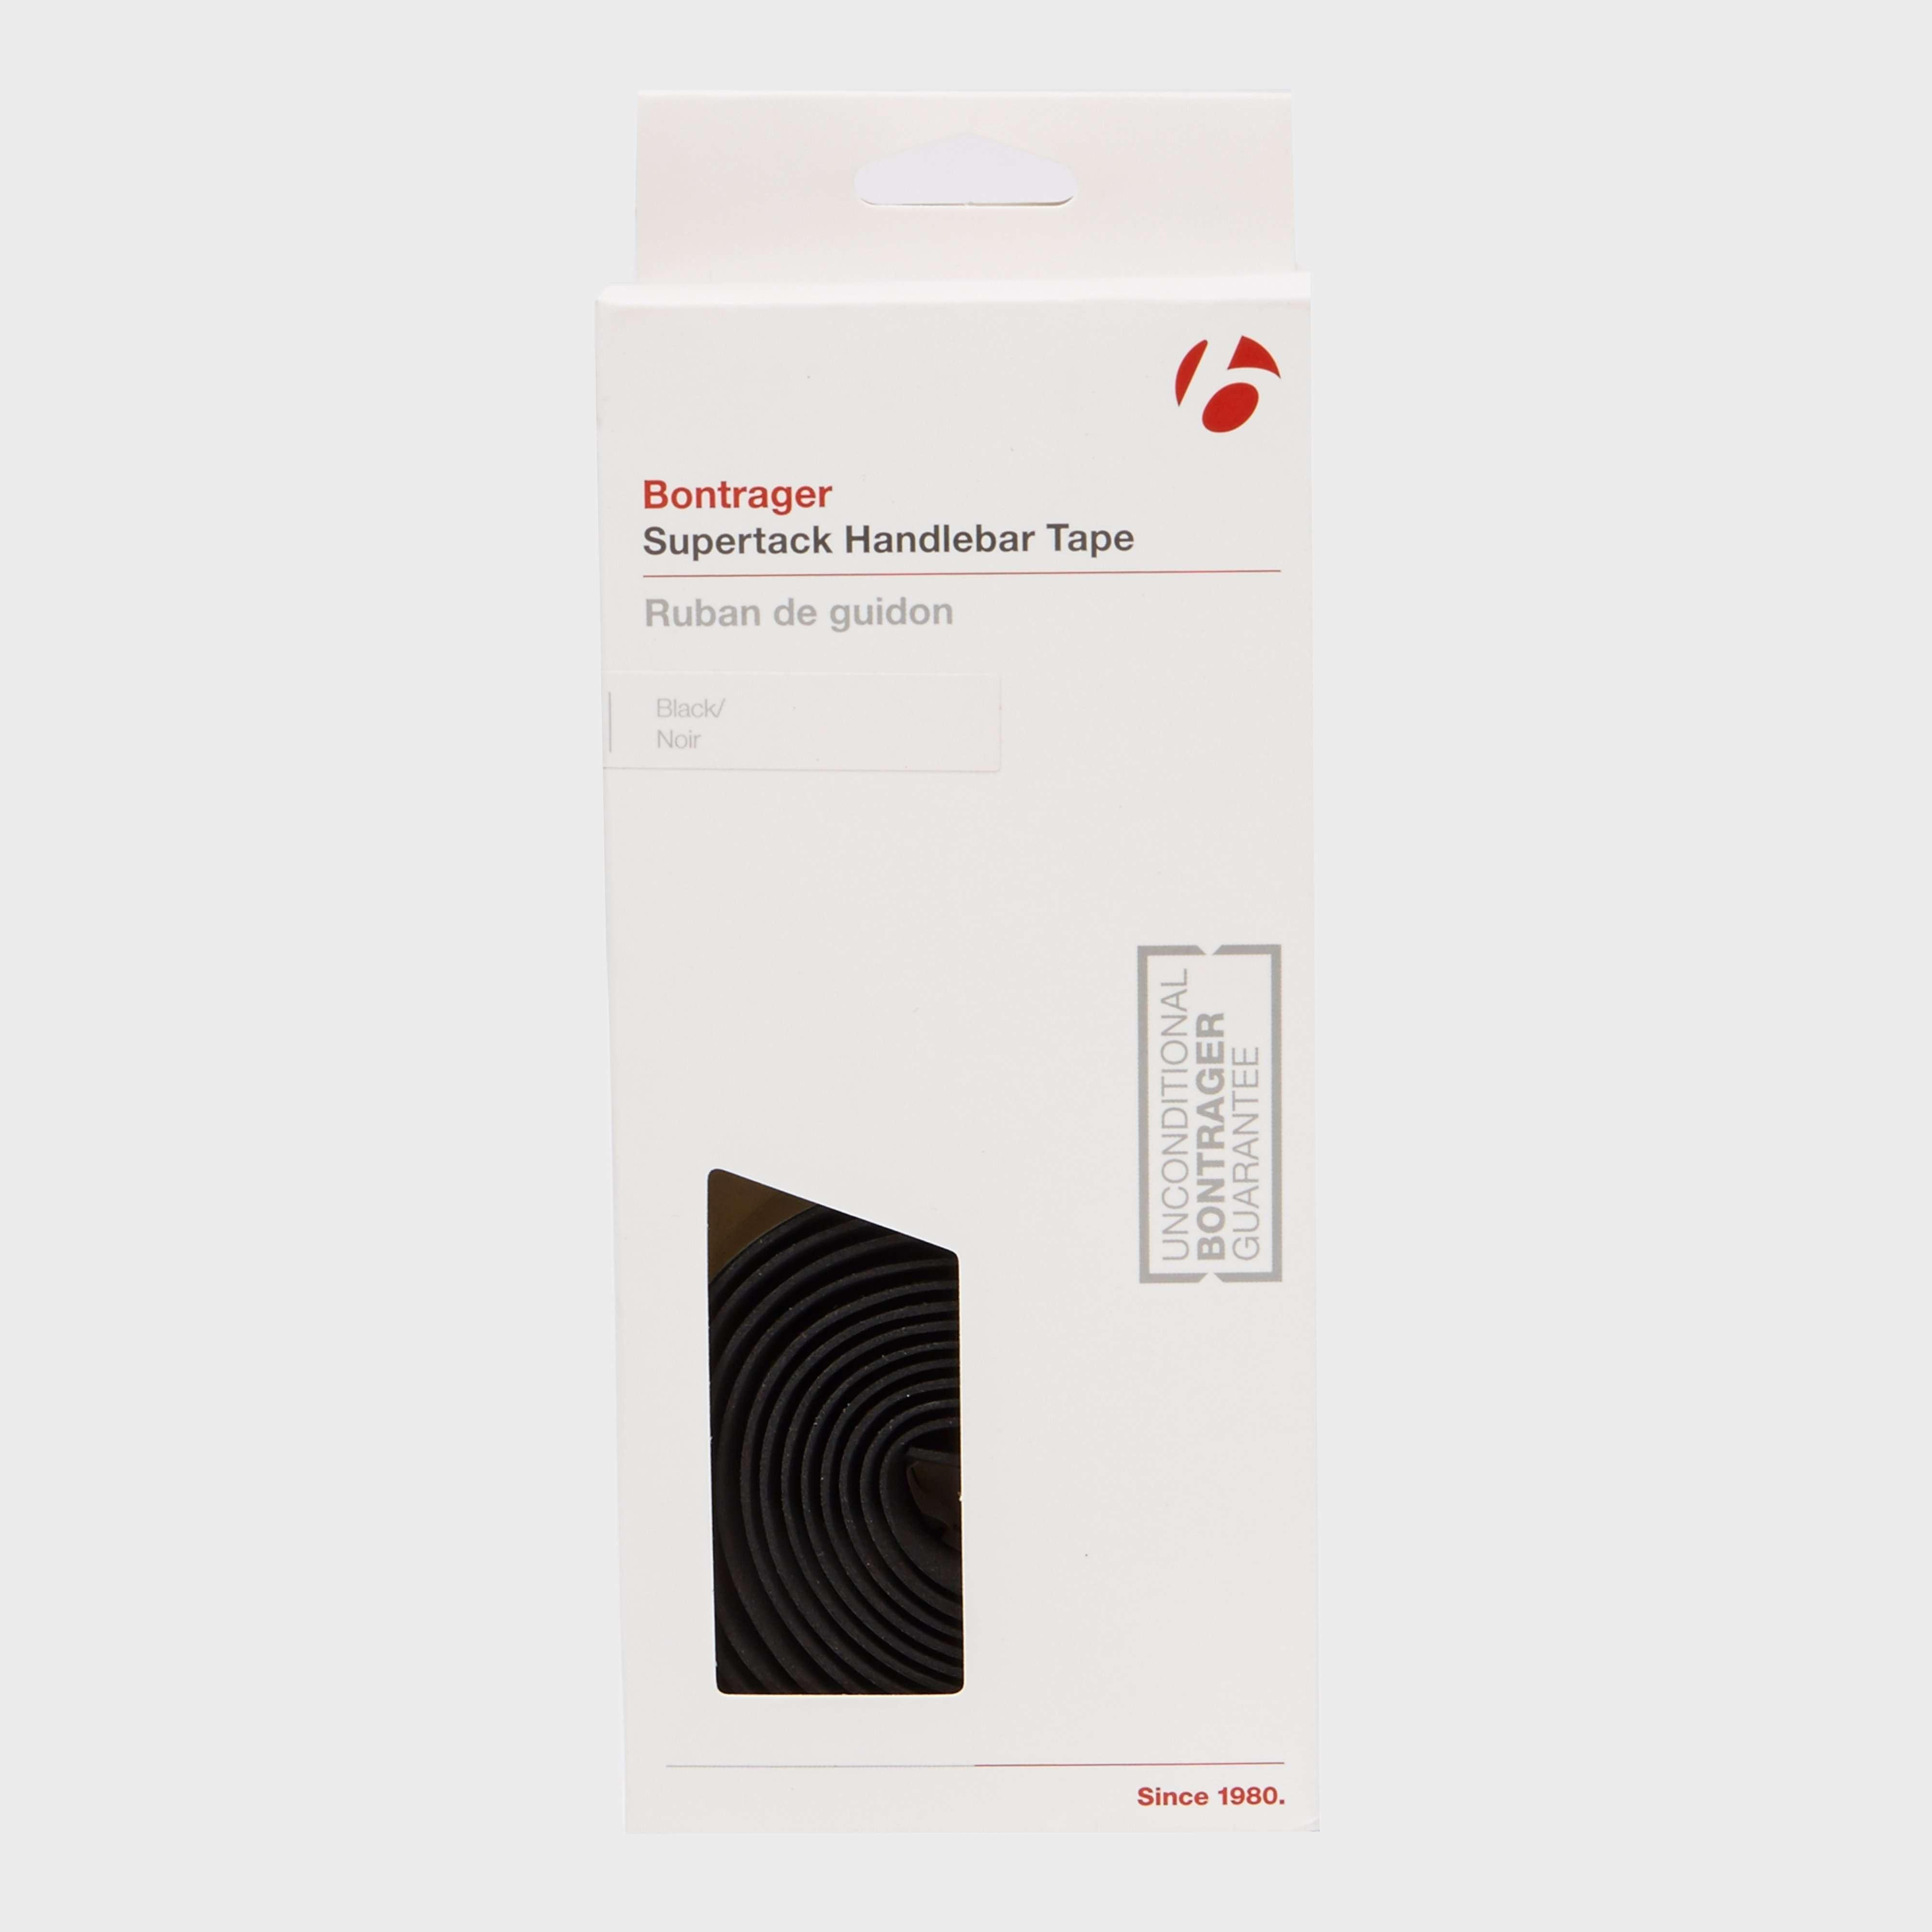 BONTRAGER Supertack Handlebar Tape